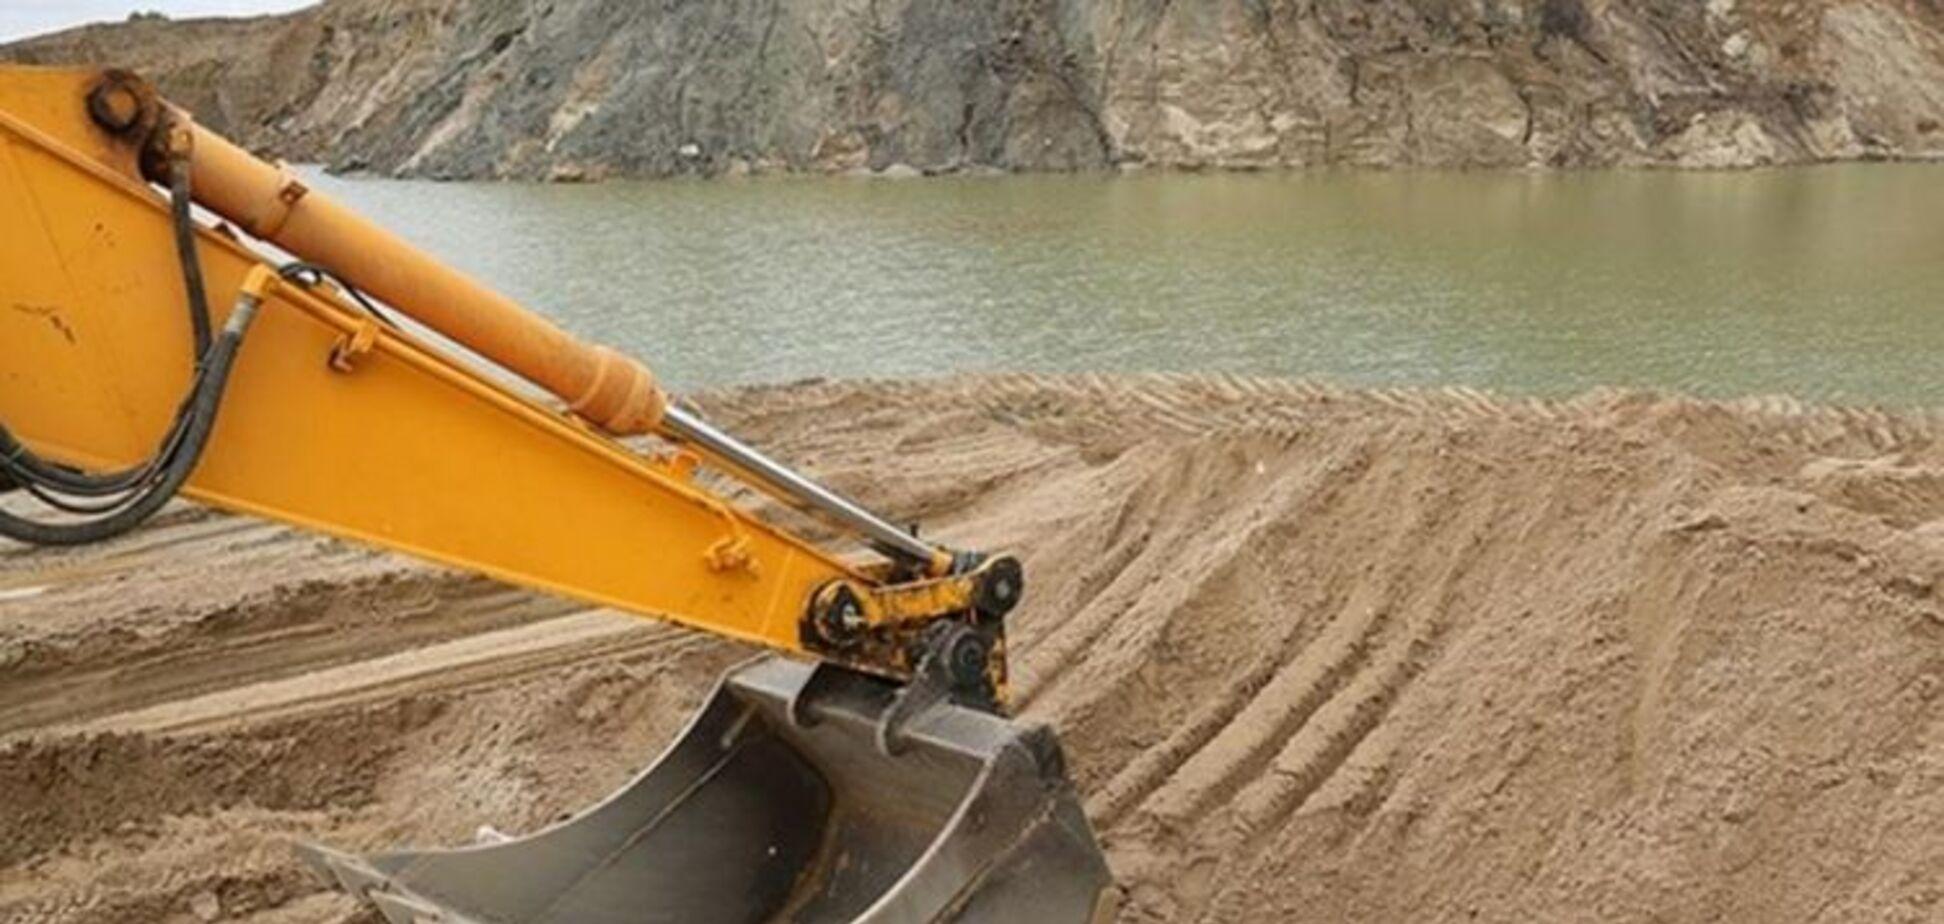 Законопроект о водном транспорте легализует незаконную добычу песка - СМИ